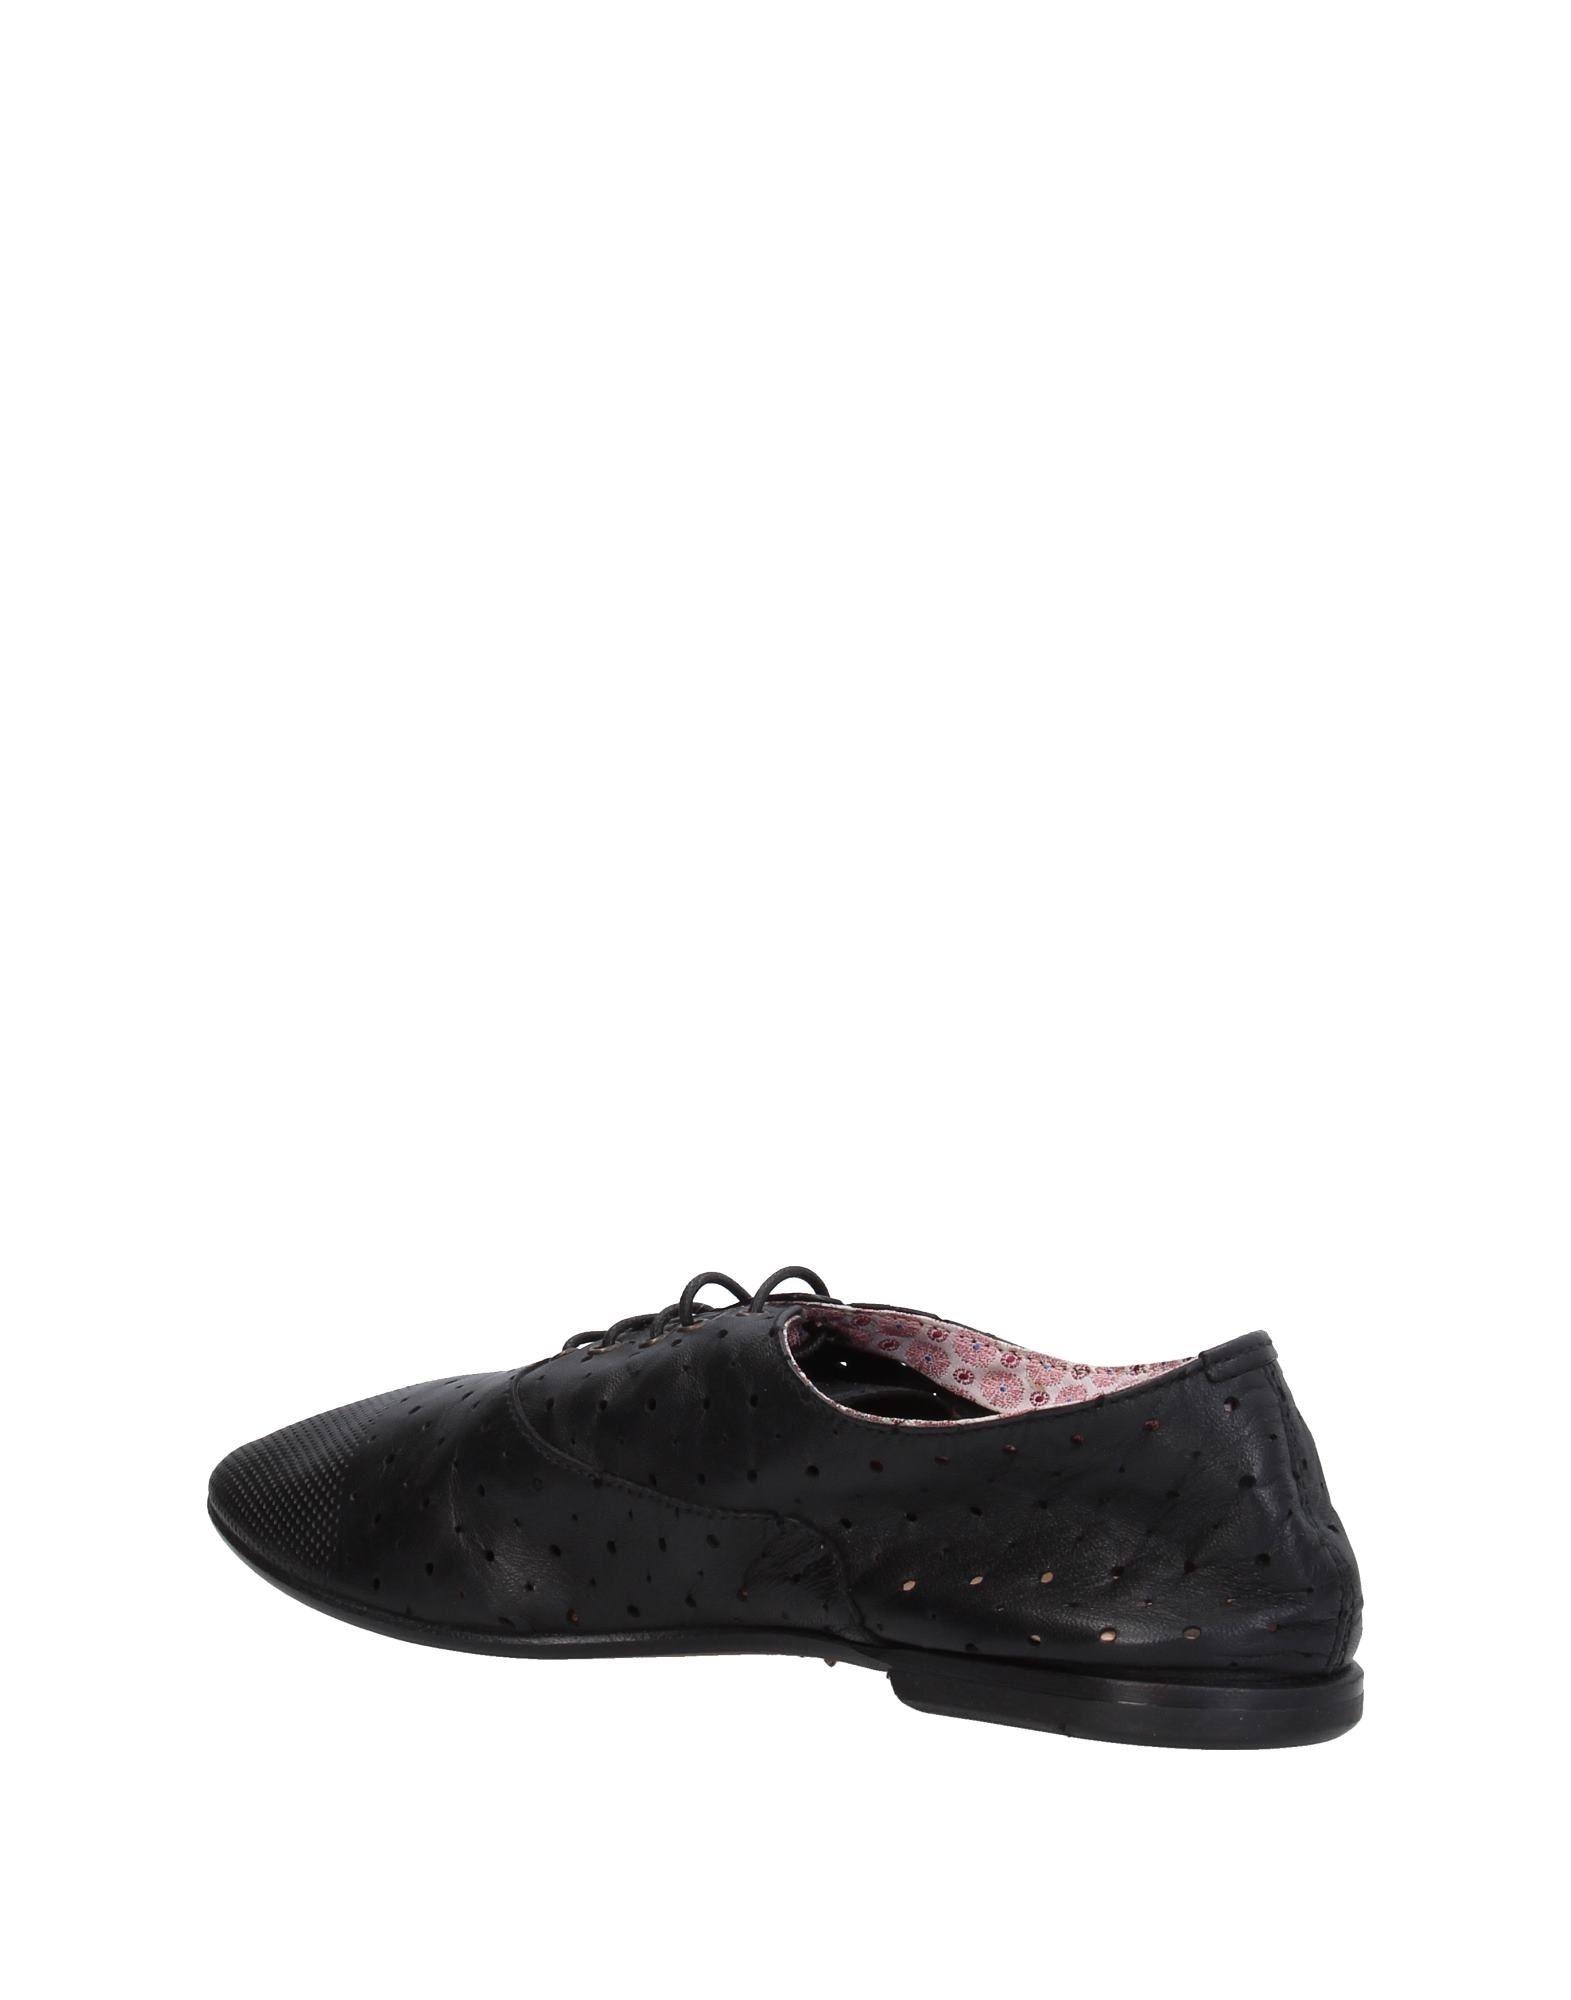 CHAUSSURES - Chaussures à lacetsSangue OQM6Foem